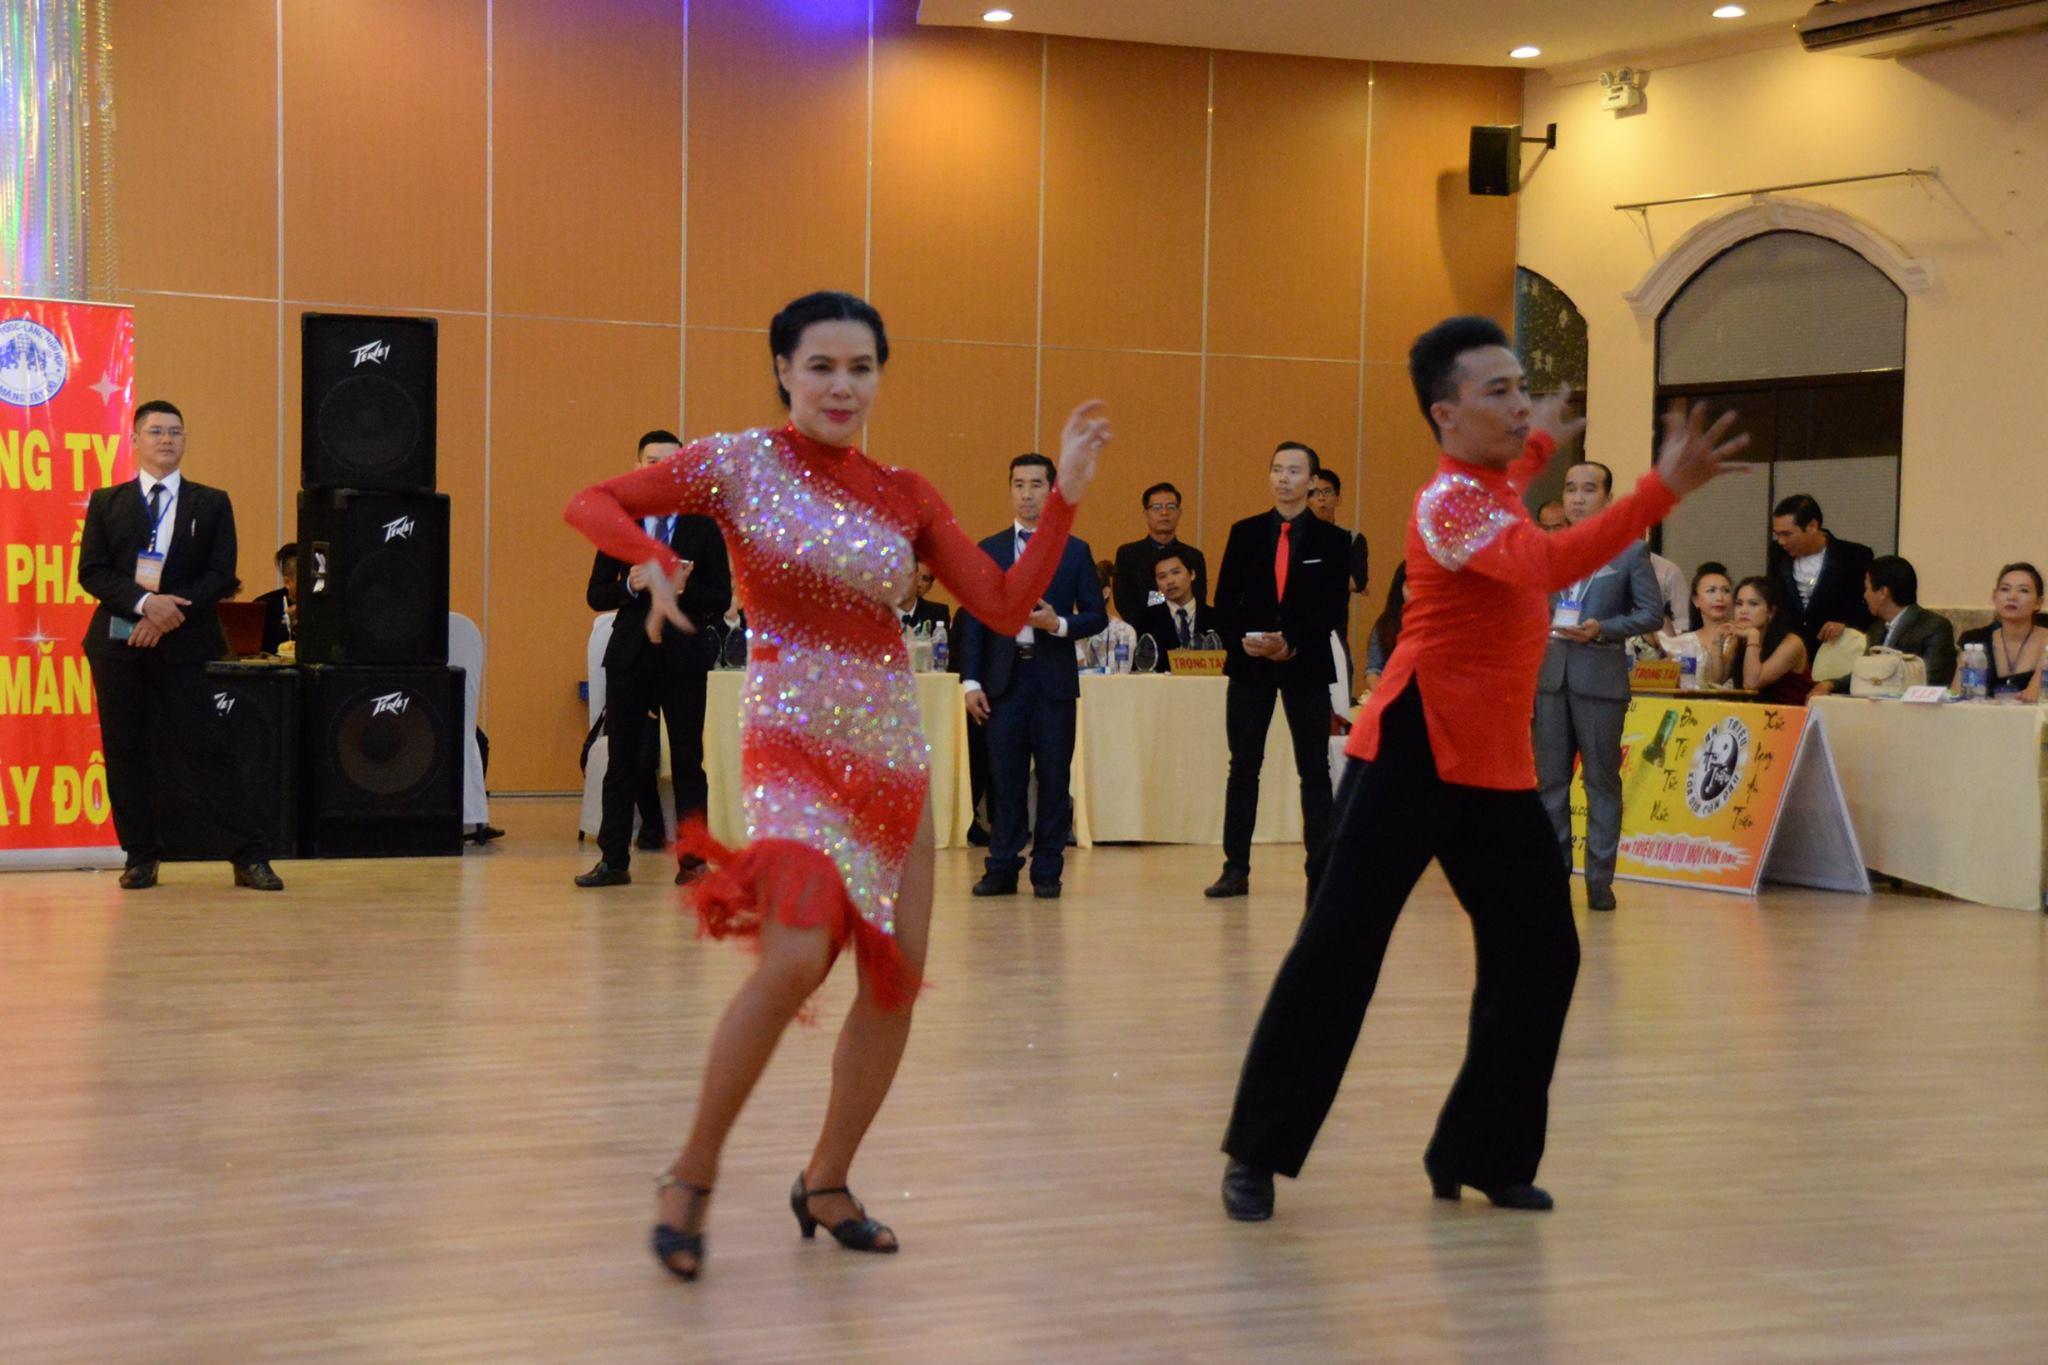 Nhanh tay đăng ký lớp dạy theo yêu cầu tại DANCE PASSION